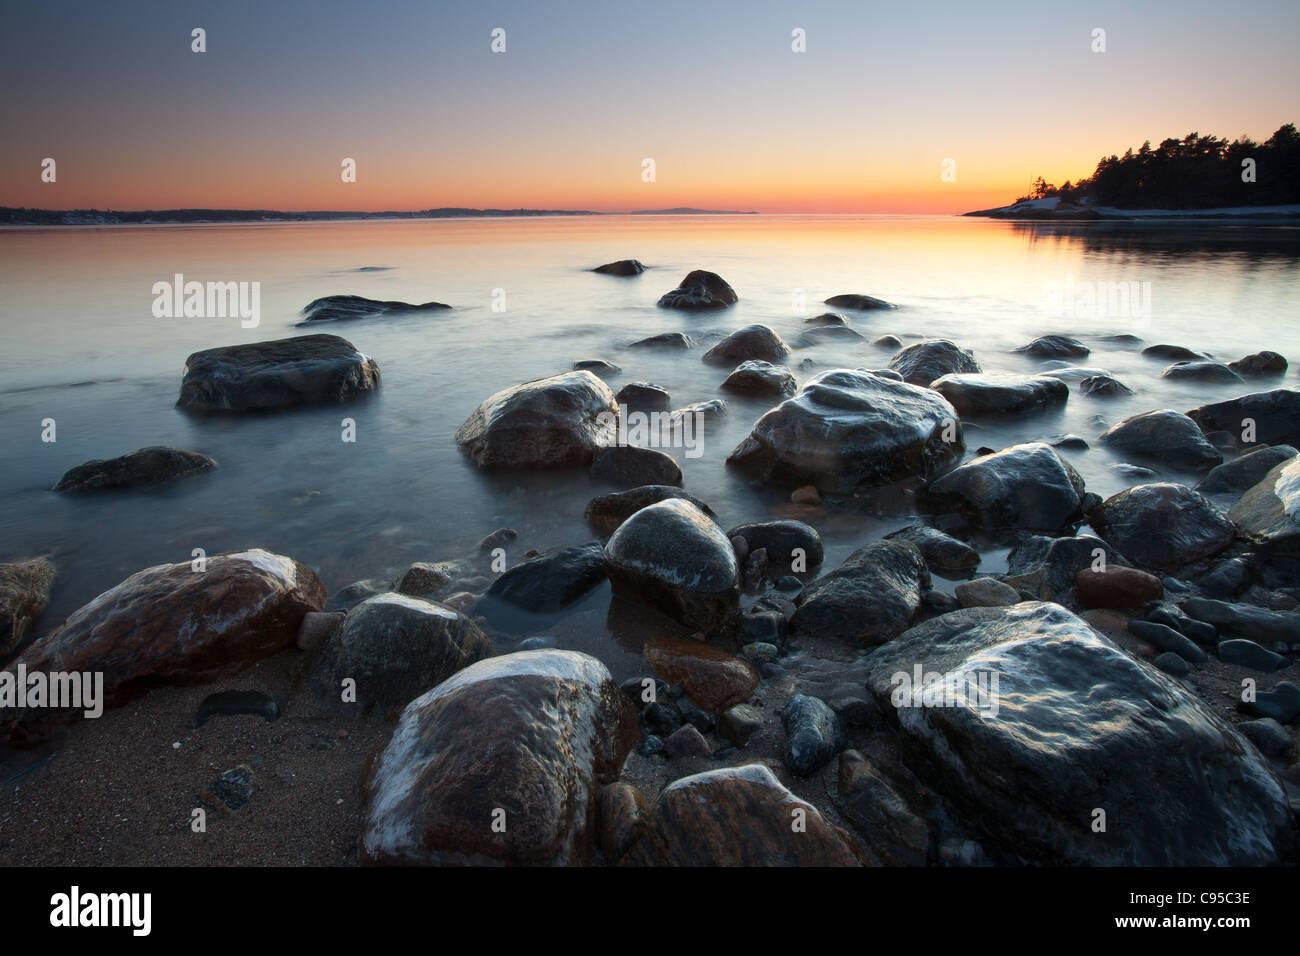 Küstenlandschaft in der Dämmerung am Ofen in Råde Kommune, Østfold Fylke, Norwegen. Stockbild